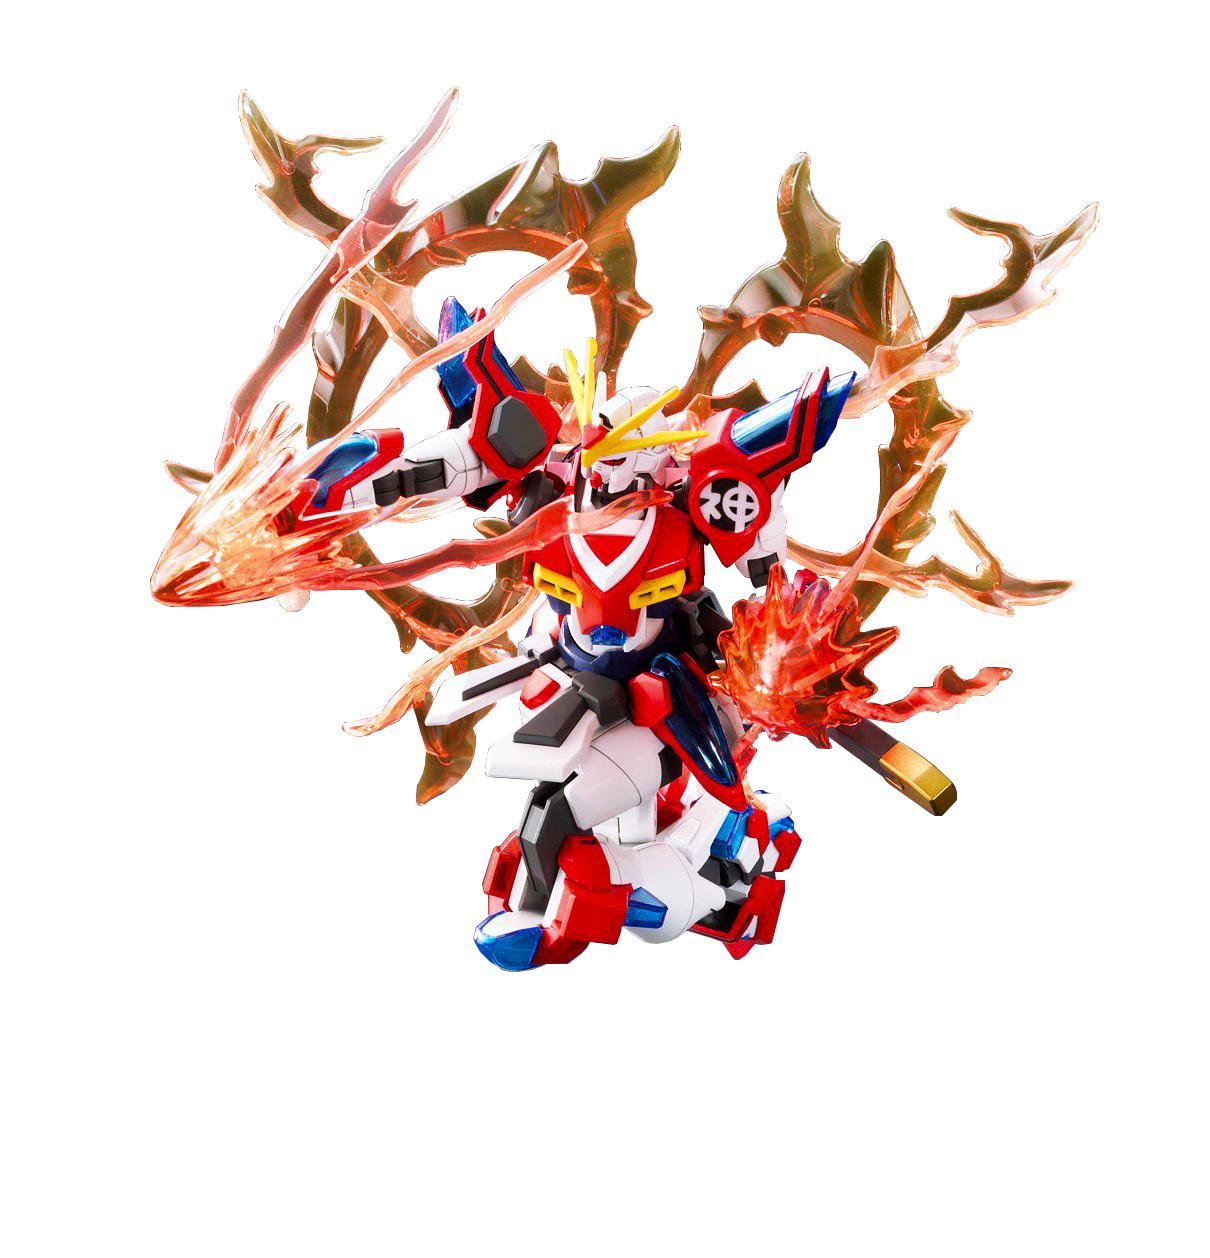 Mua Mo Hinh Lắp Rap Gundam Bandai Hgbf 043 Kamiki Burning Gundam Bandai Hg Gundam